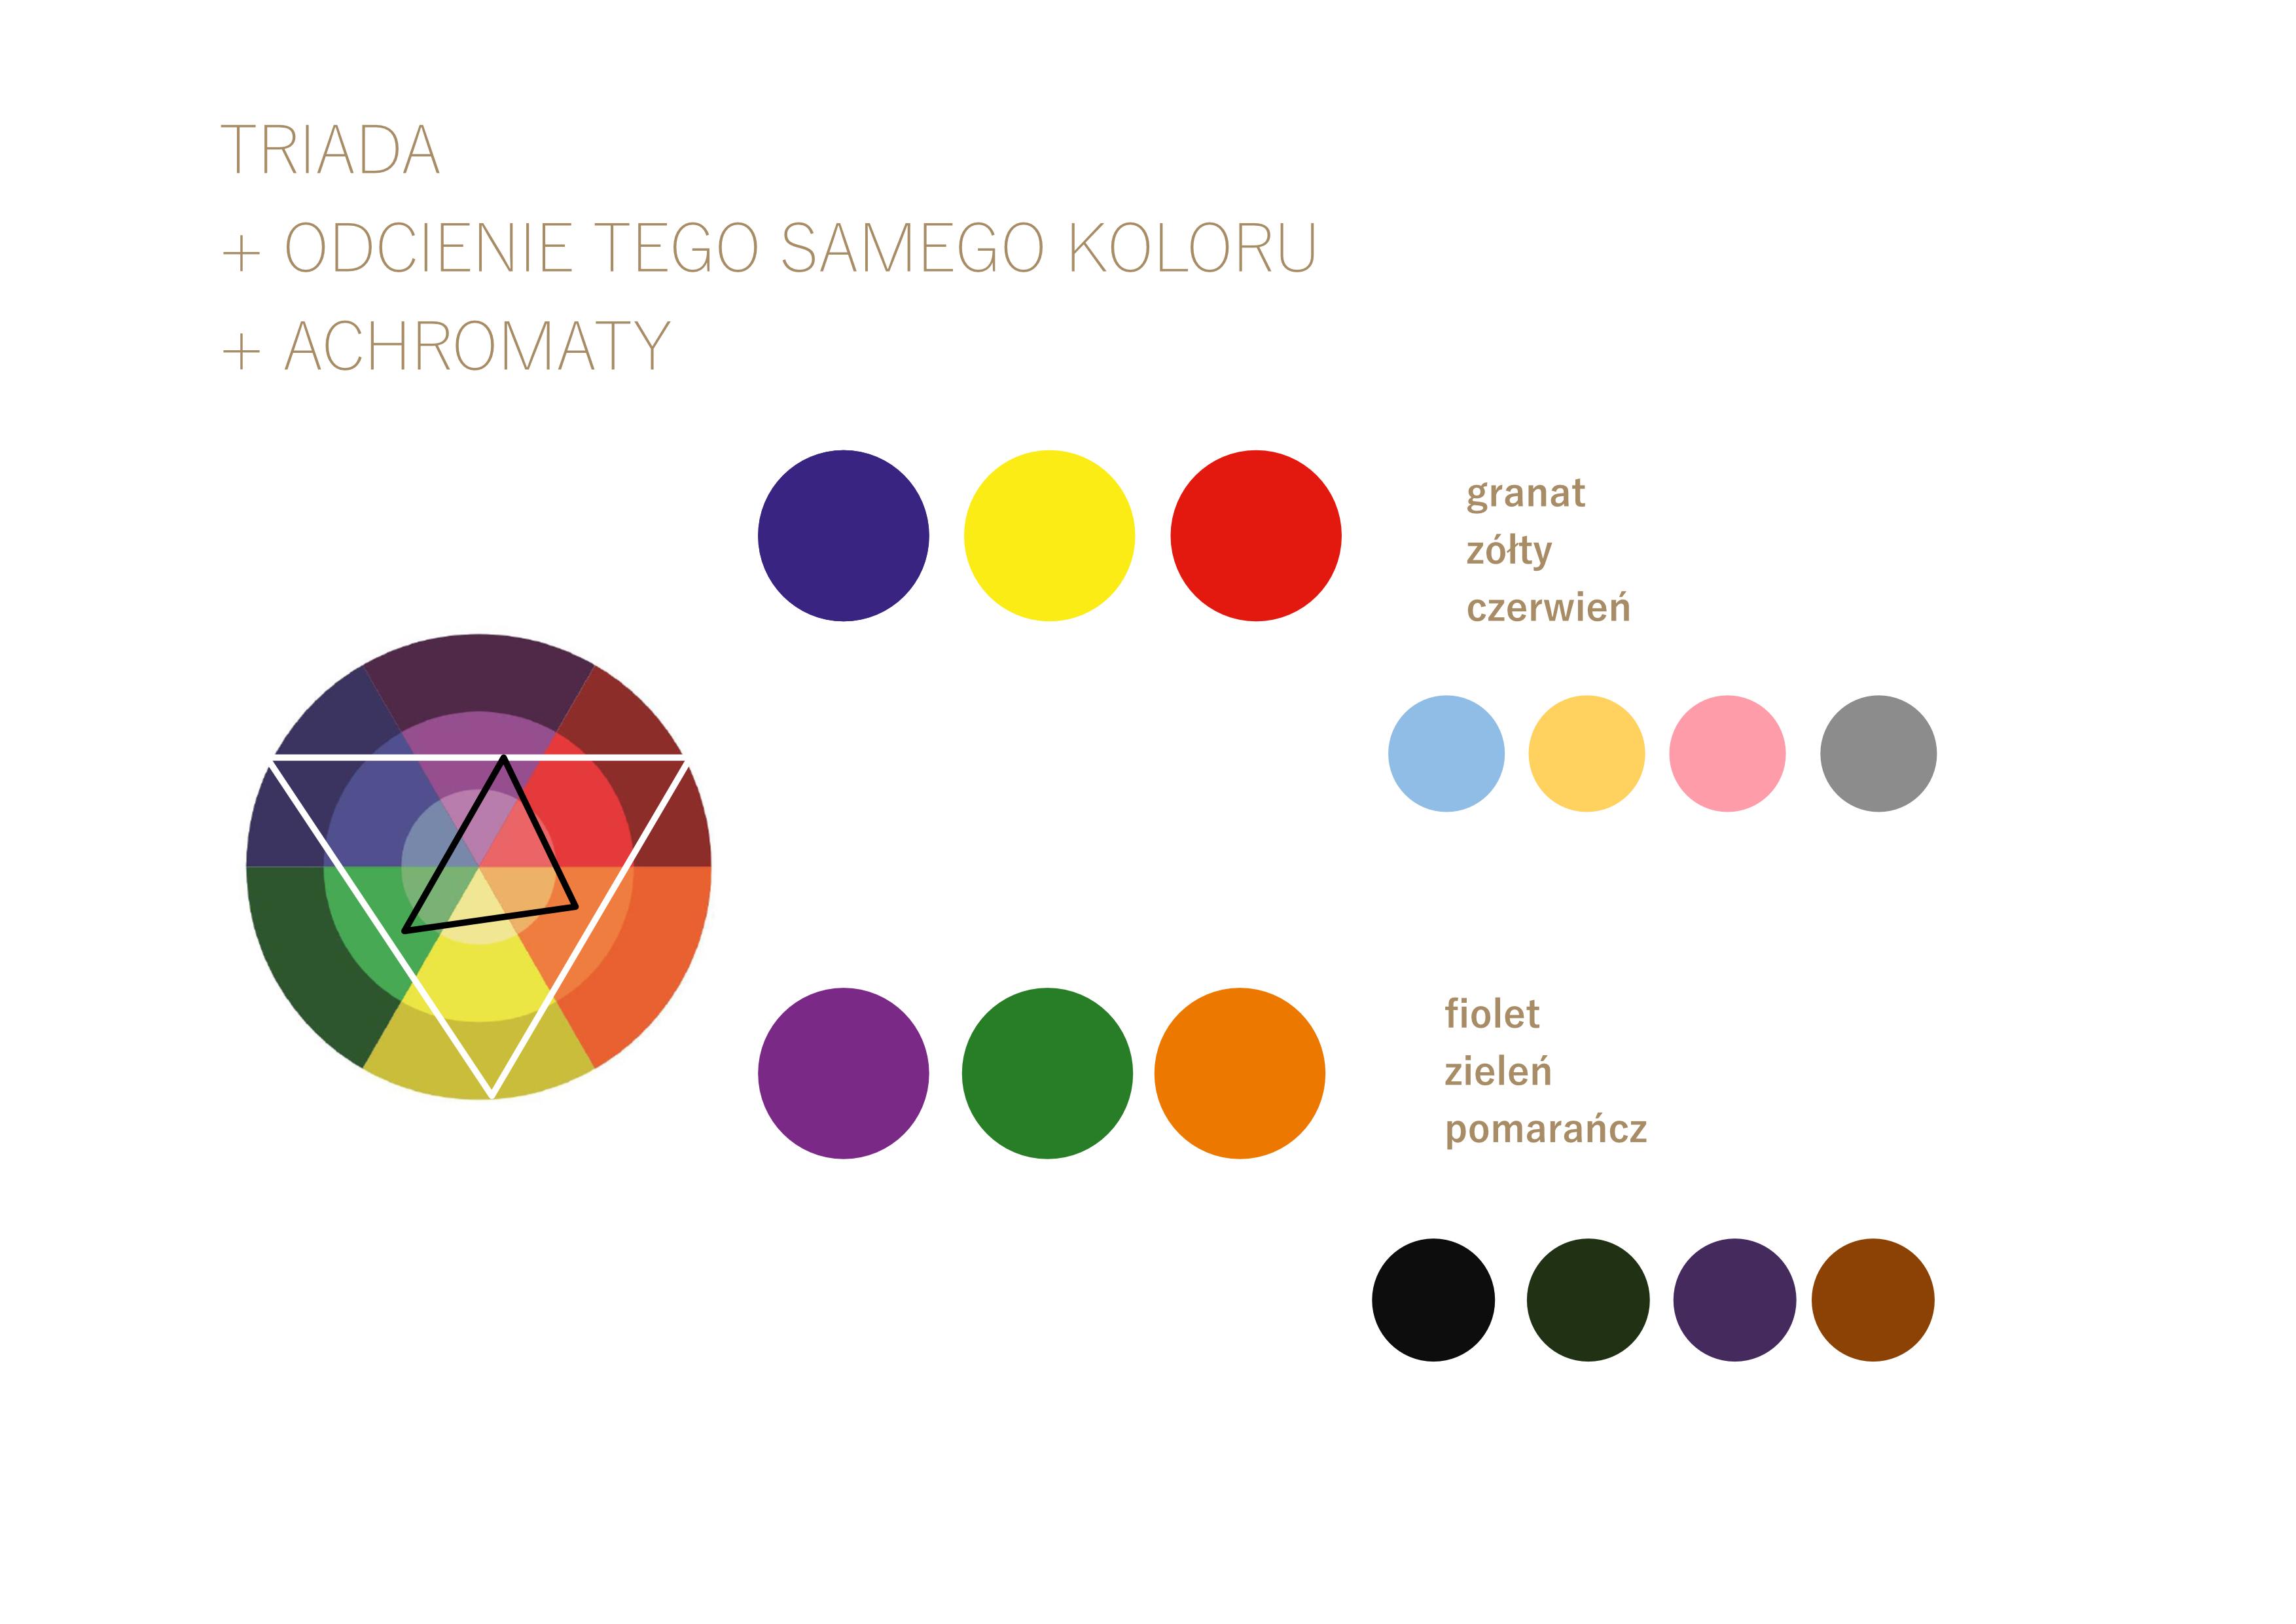 zasada łączenia kolorów triada